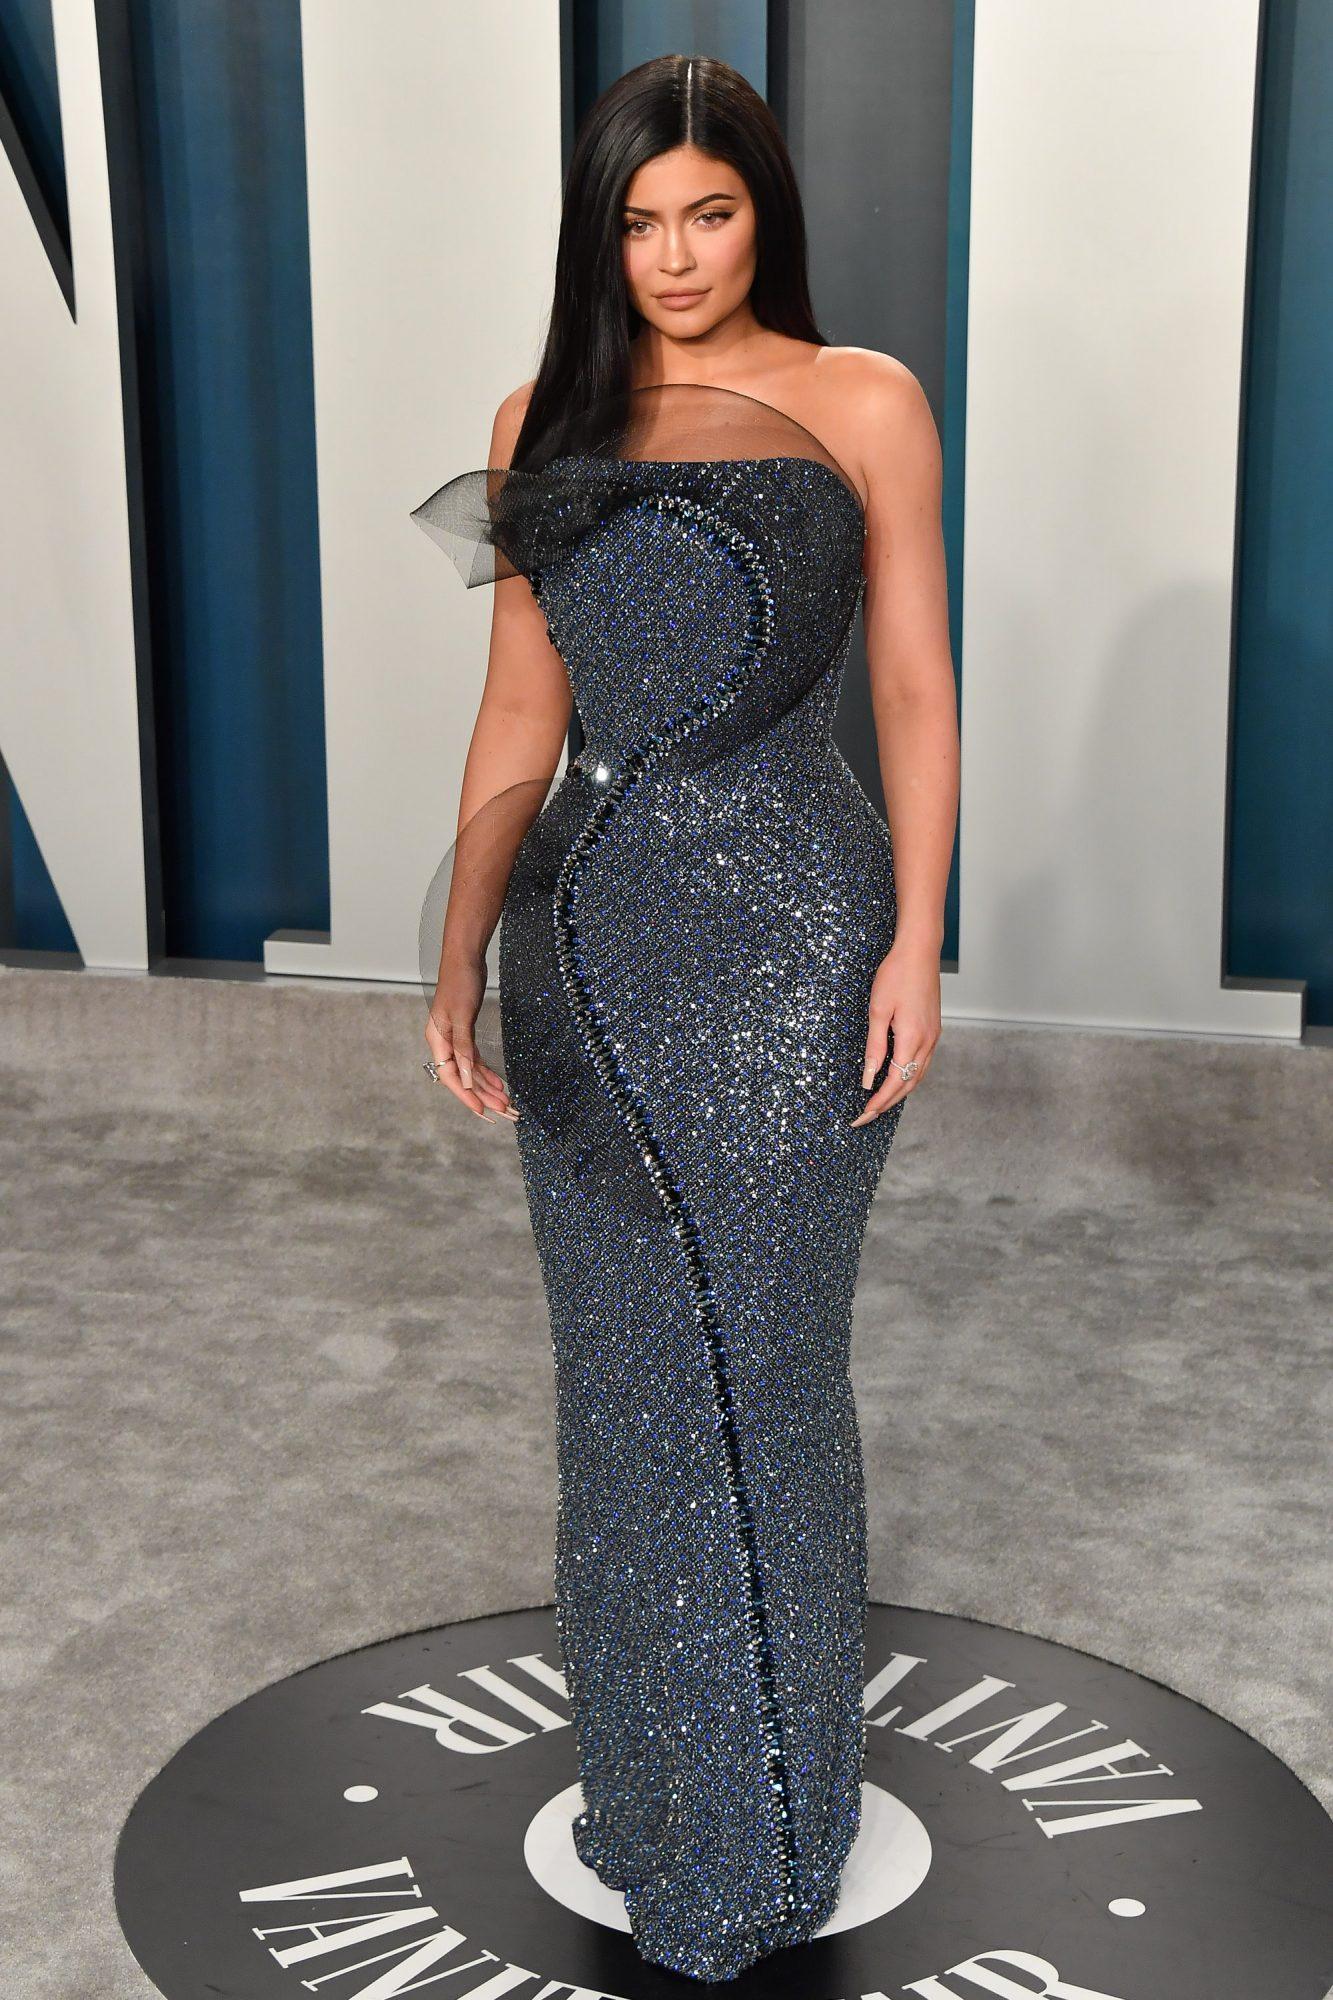 Kylie Jenner vuelve a pertenecer al club de las rubias